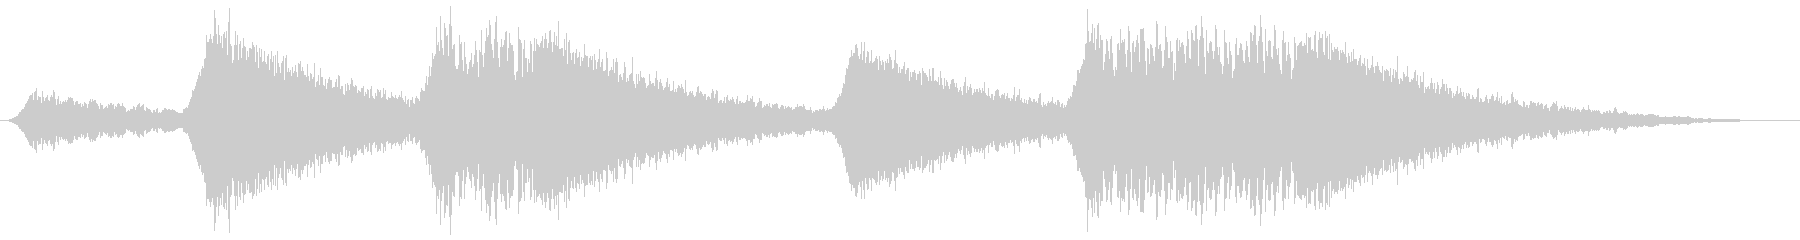 汎用サイレン 連続の未再生の波形